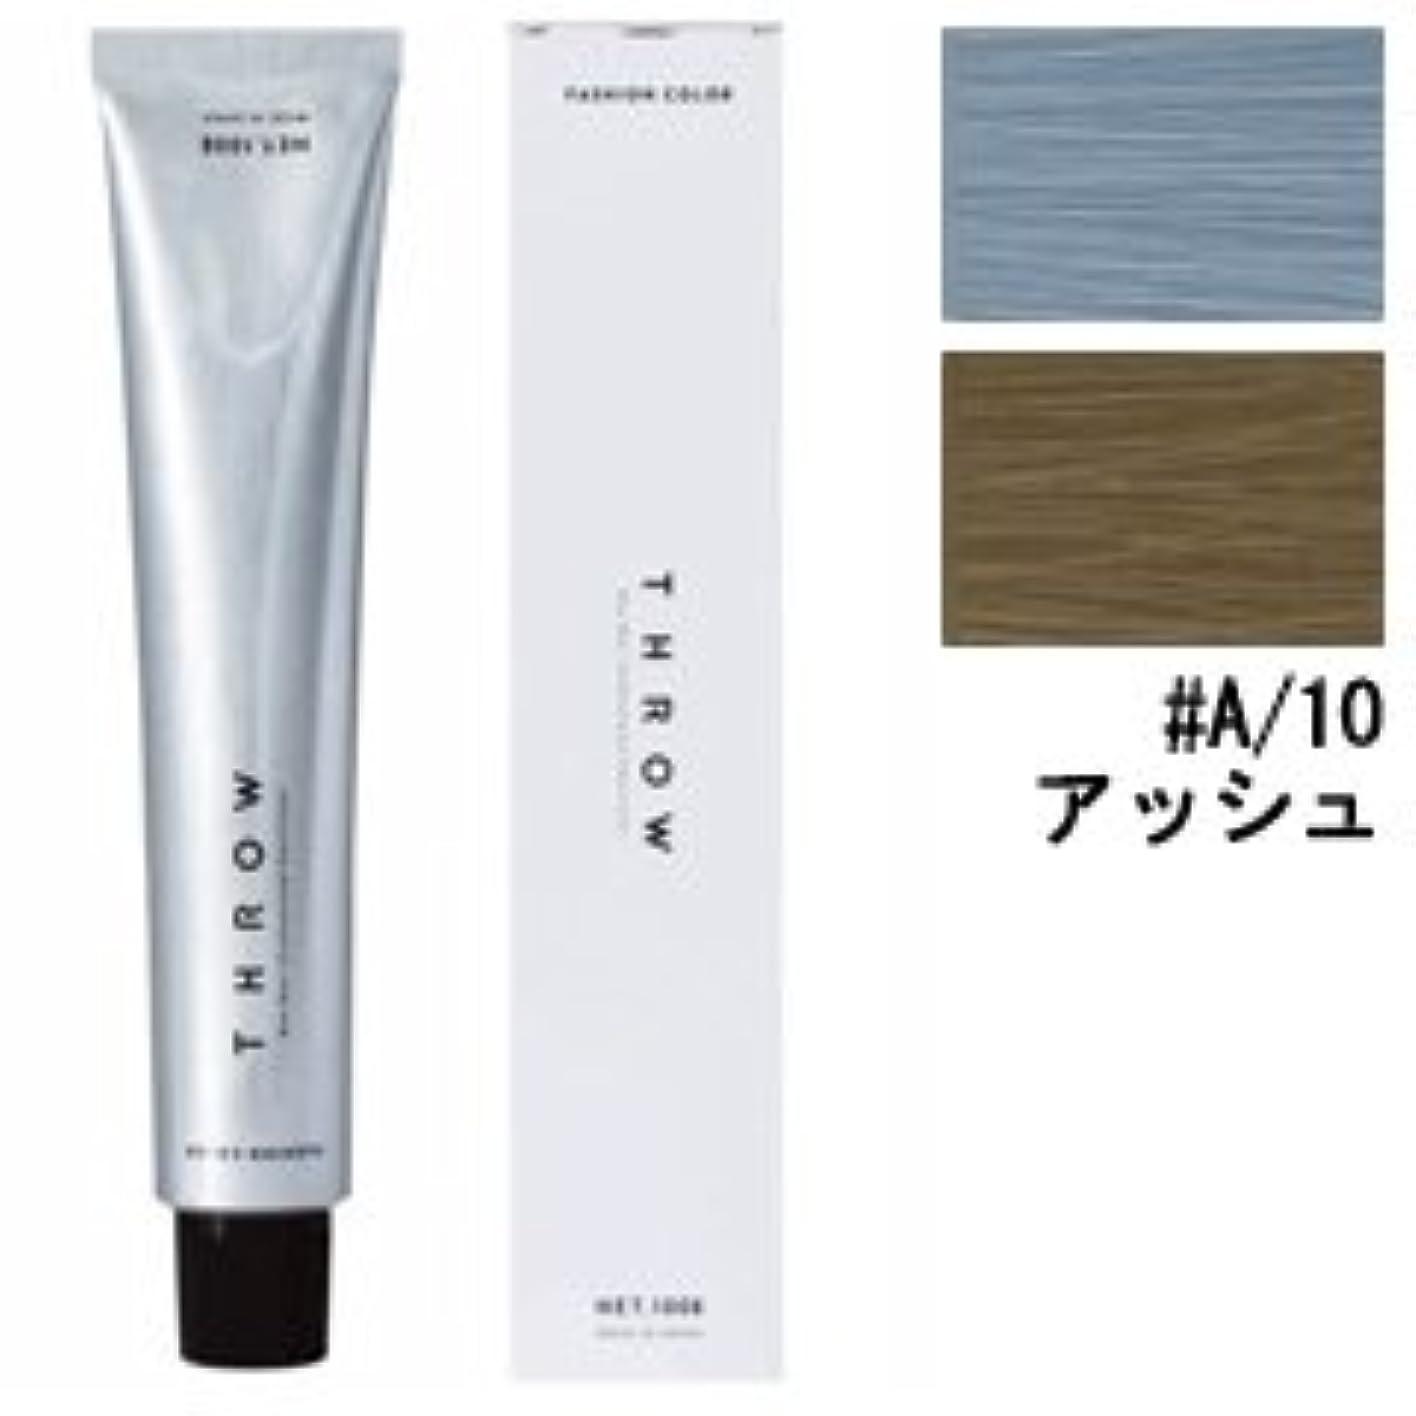 伝記現代鹿【モルトベーネ】スロウ ファッションカラー #A/10 アッシュ 100g